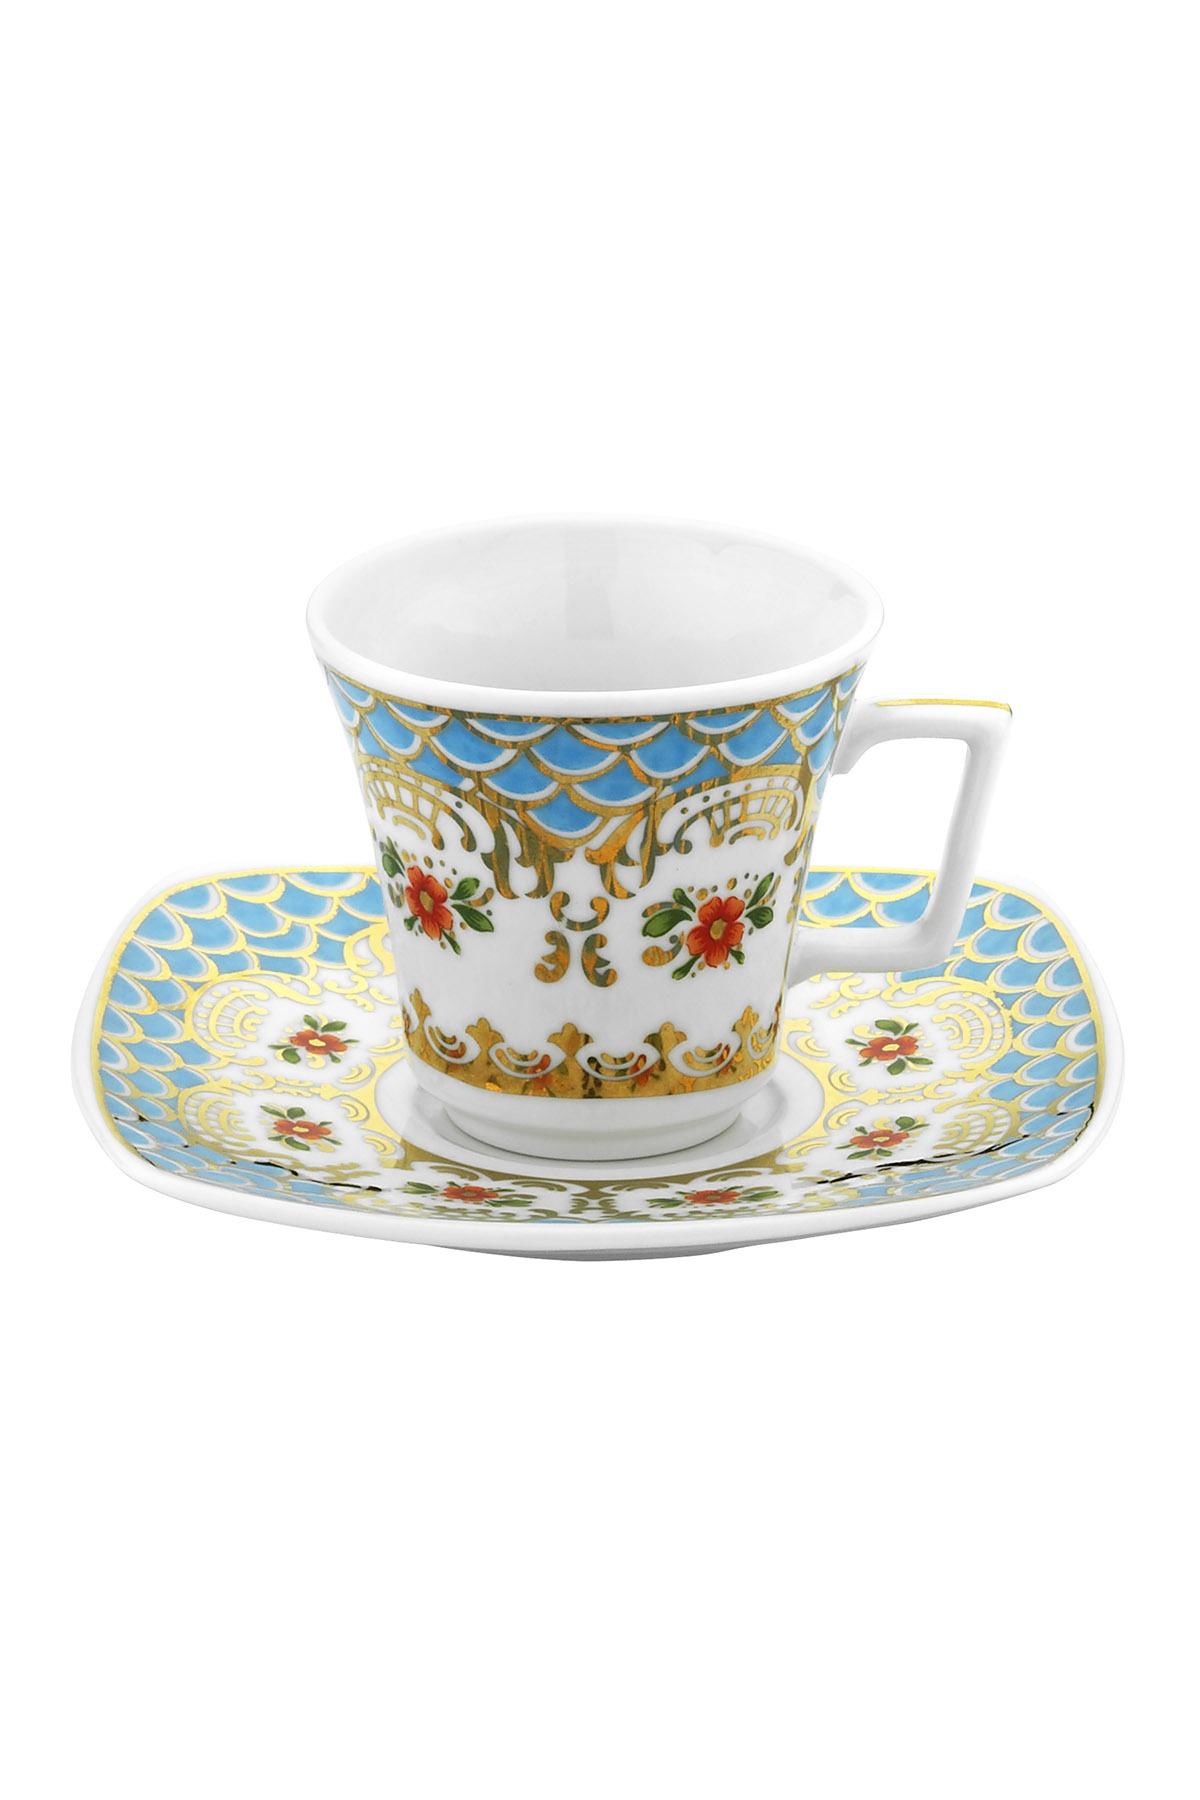 KÜTAHYA PORSELEN - Medusa İki Kişilik Kahve Takımı Dekor No:3872